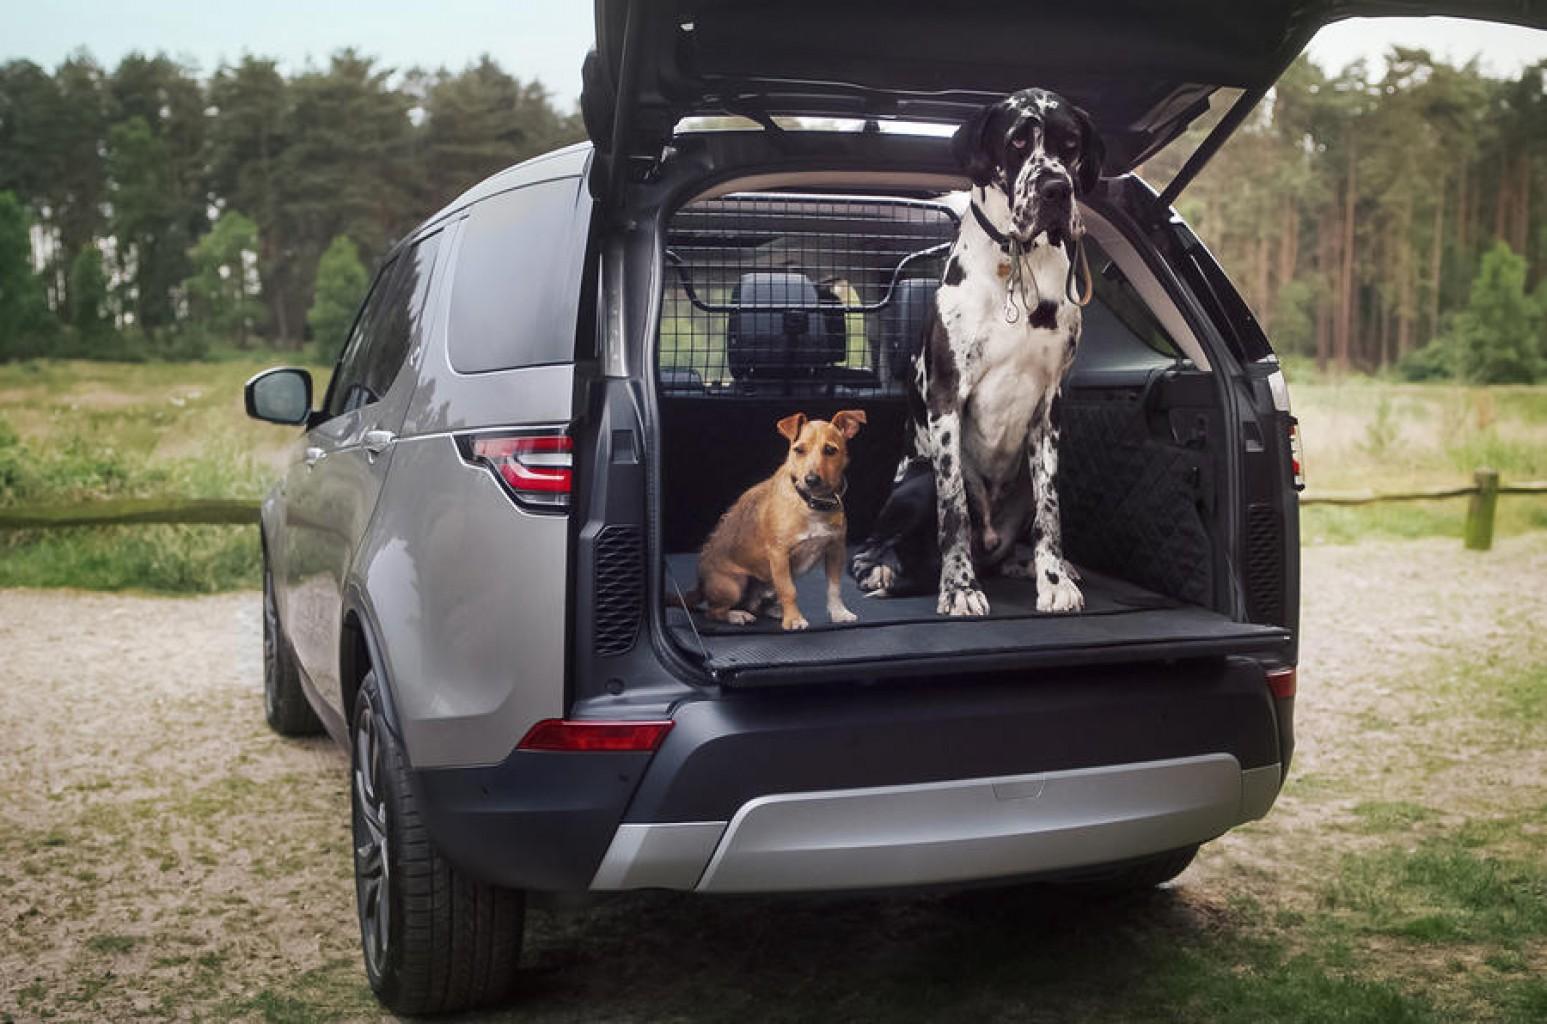 Land Rover quiere que los animales viajen más cómodos en sus vehículos